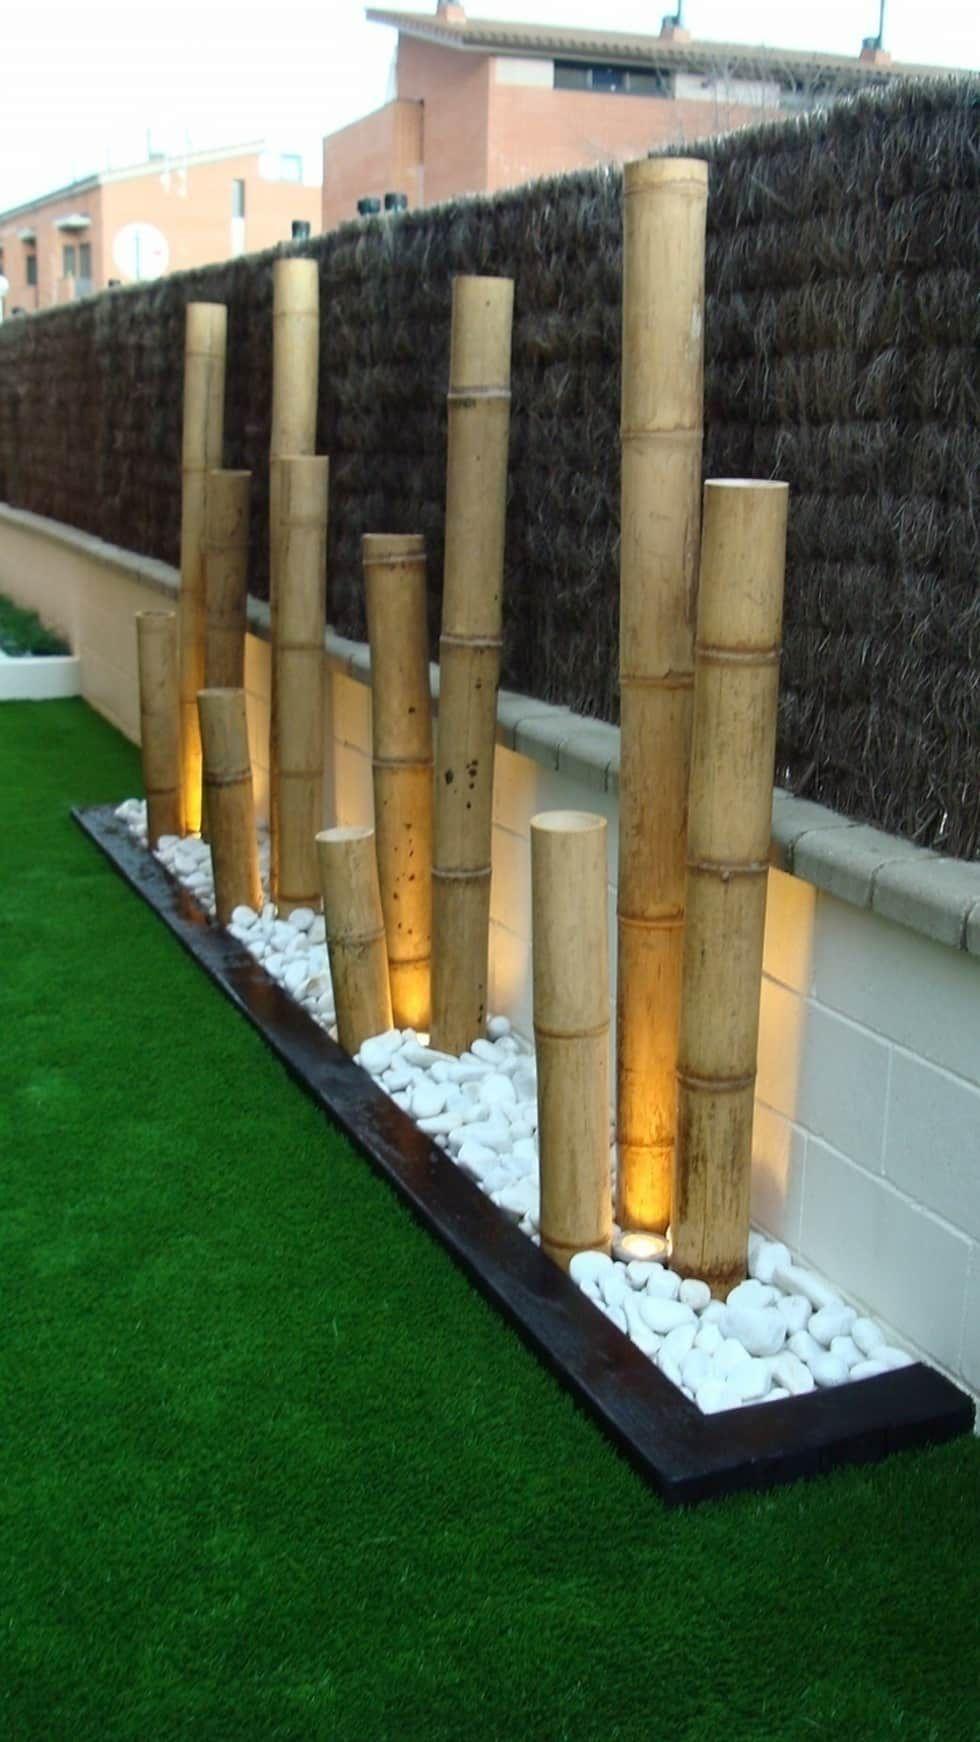 Fotos de decoraci n y dise o de interiores jardineras bamb y bolos - Jardineras con bambu ...